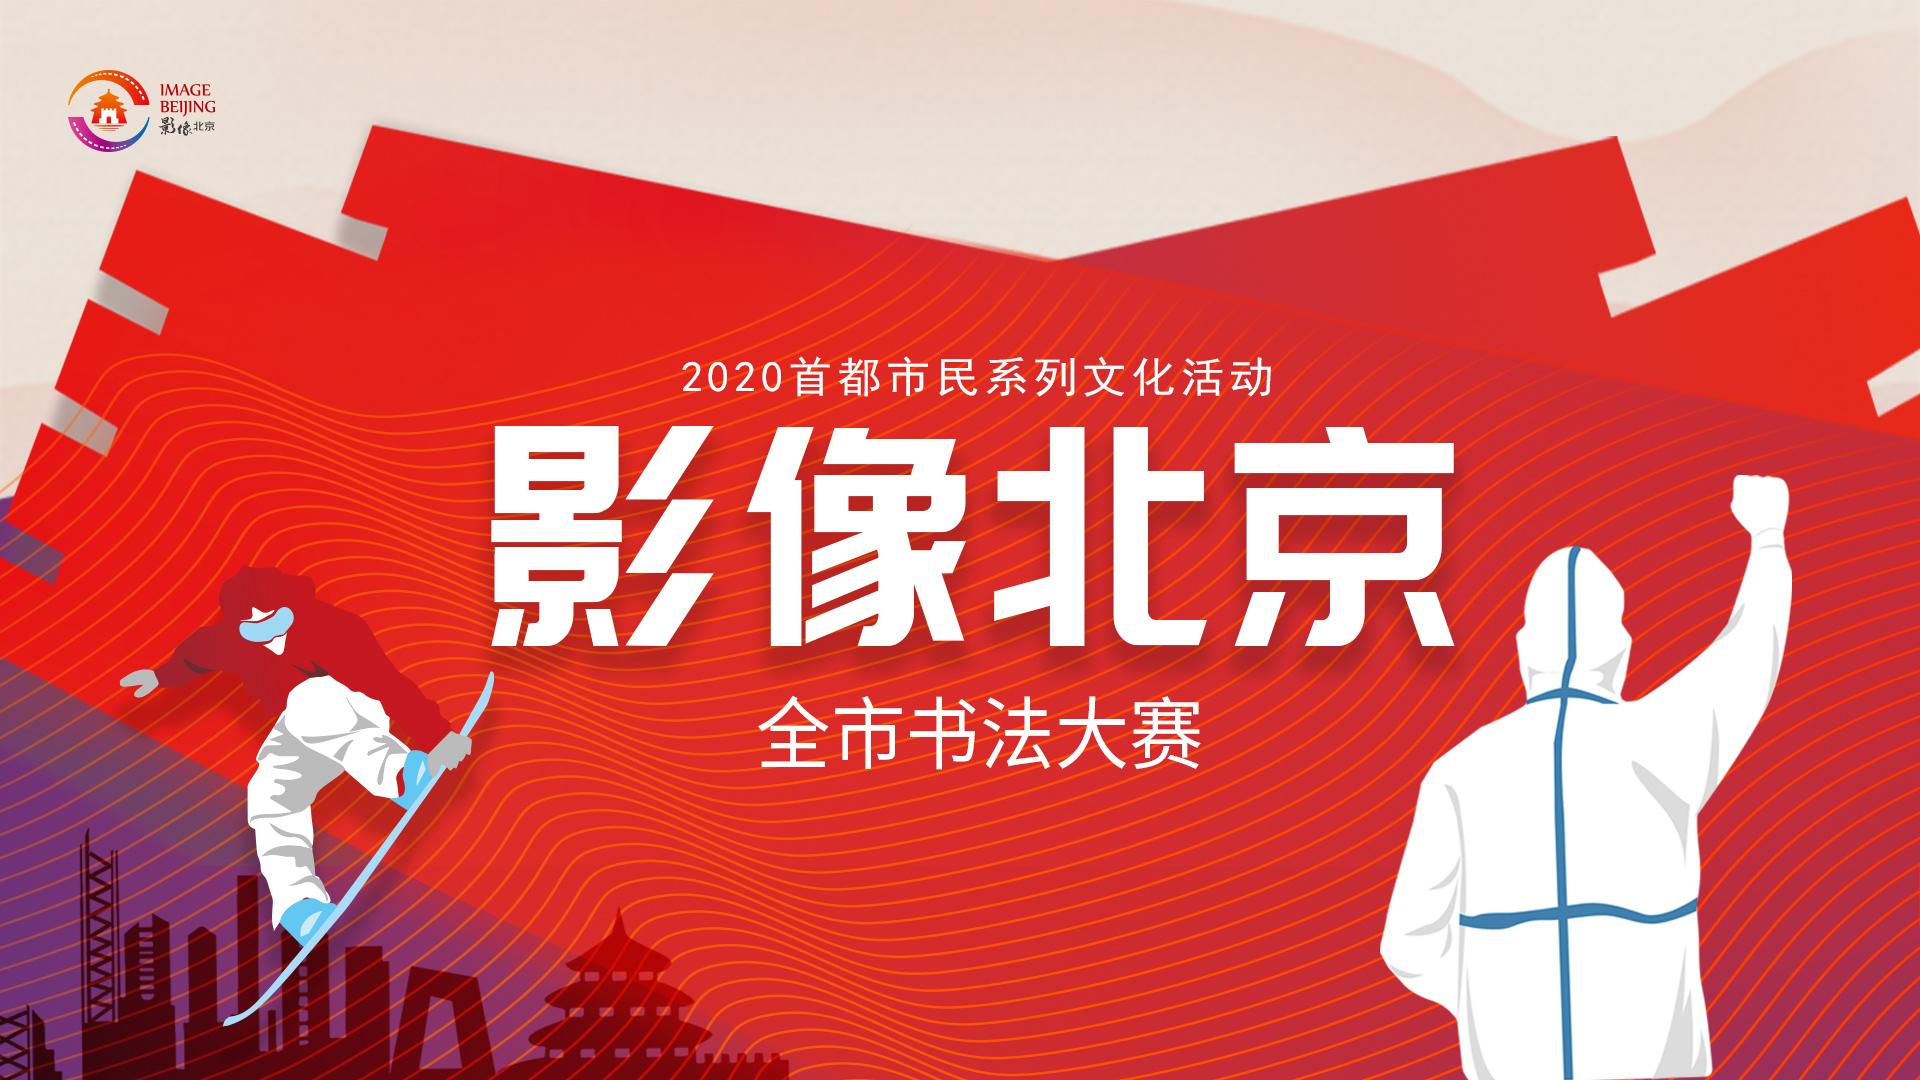 2020影像北京書法大賽